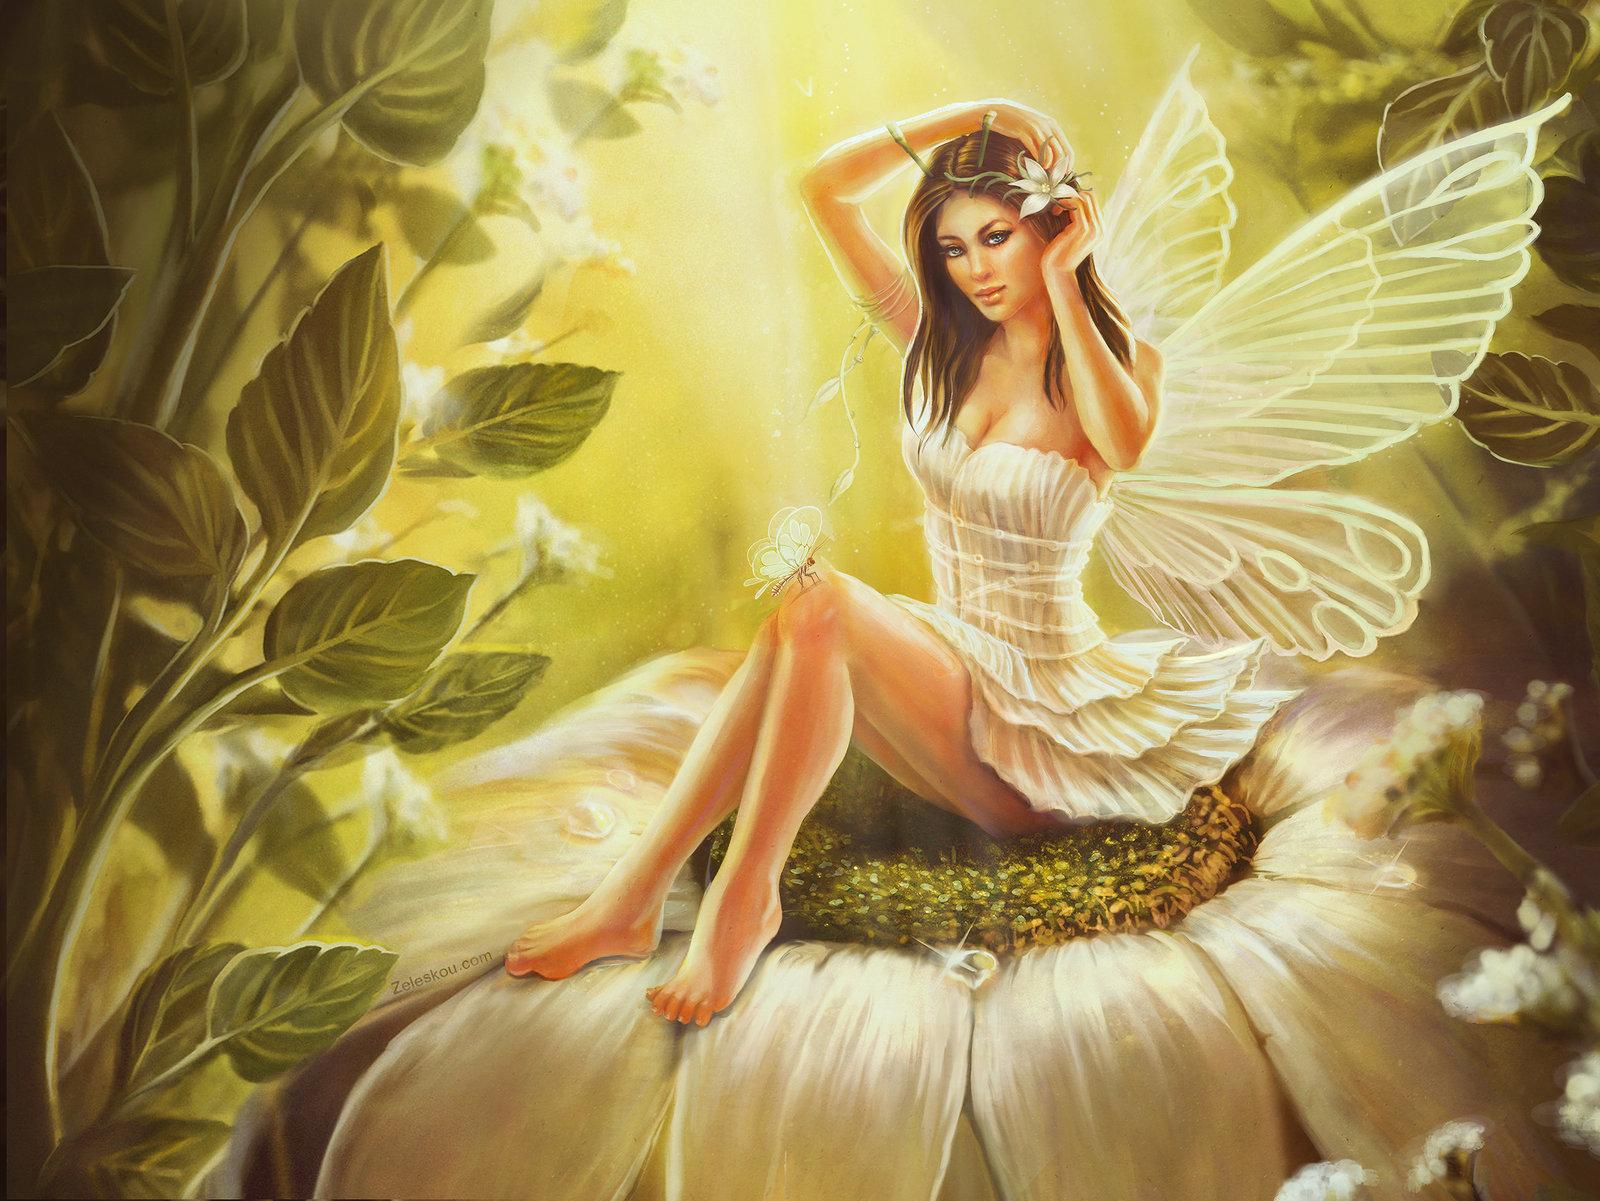 malutką wróżką w pięknym lesie na kwiatowej polanie,która ma magiczny złoty pył na skrzydłach